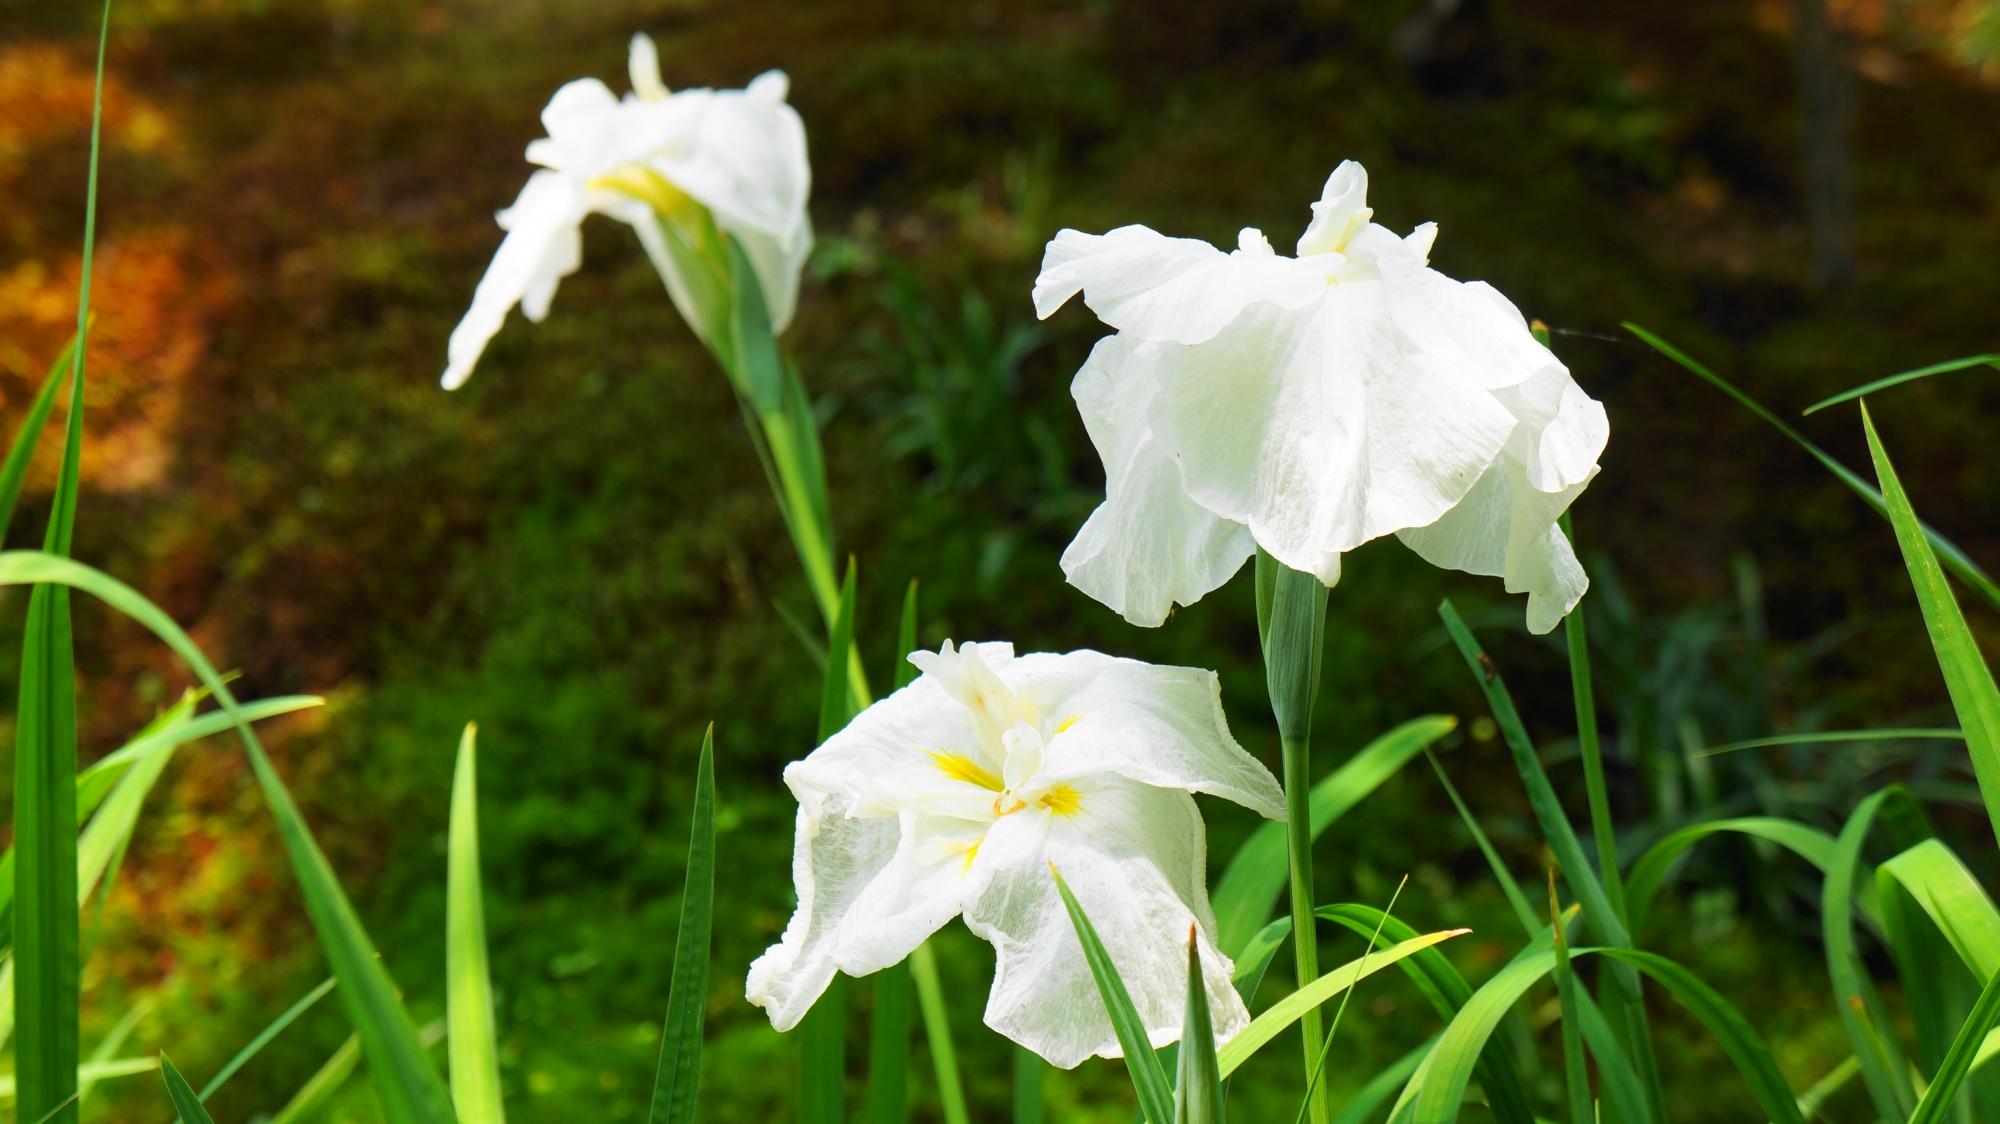 法金剛院のこちらは白い華やかな花菖蒲